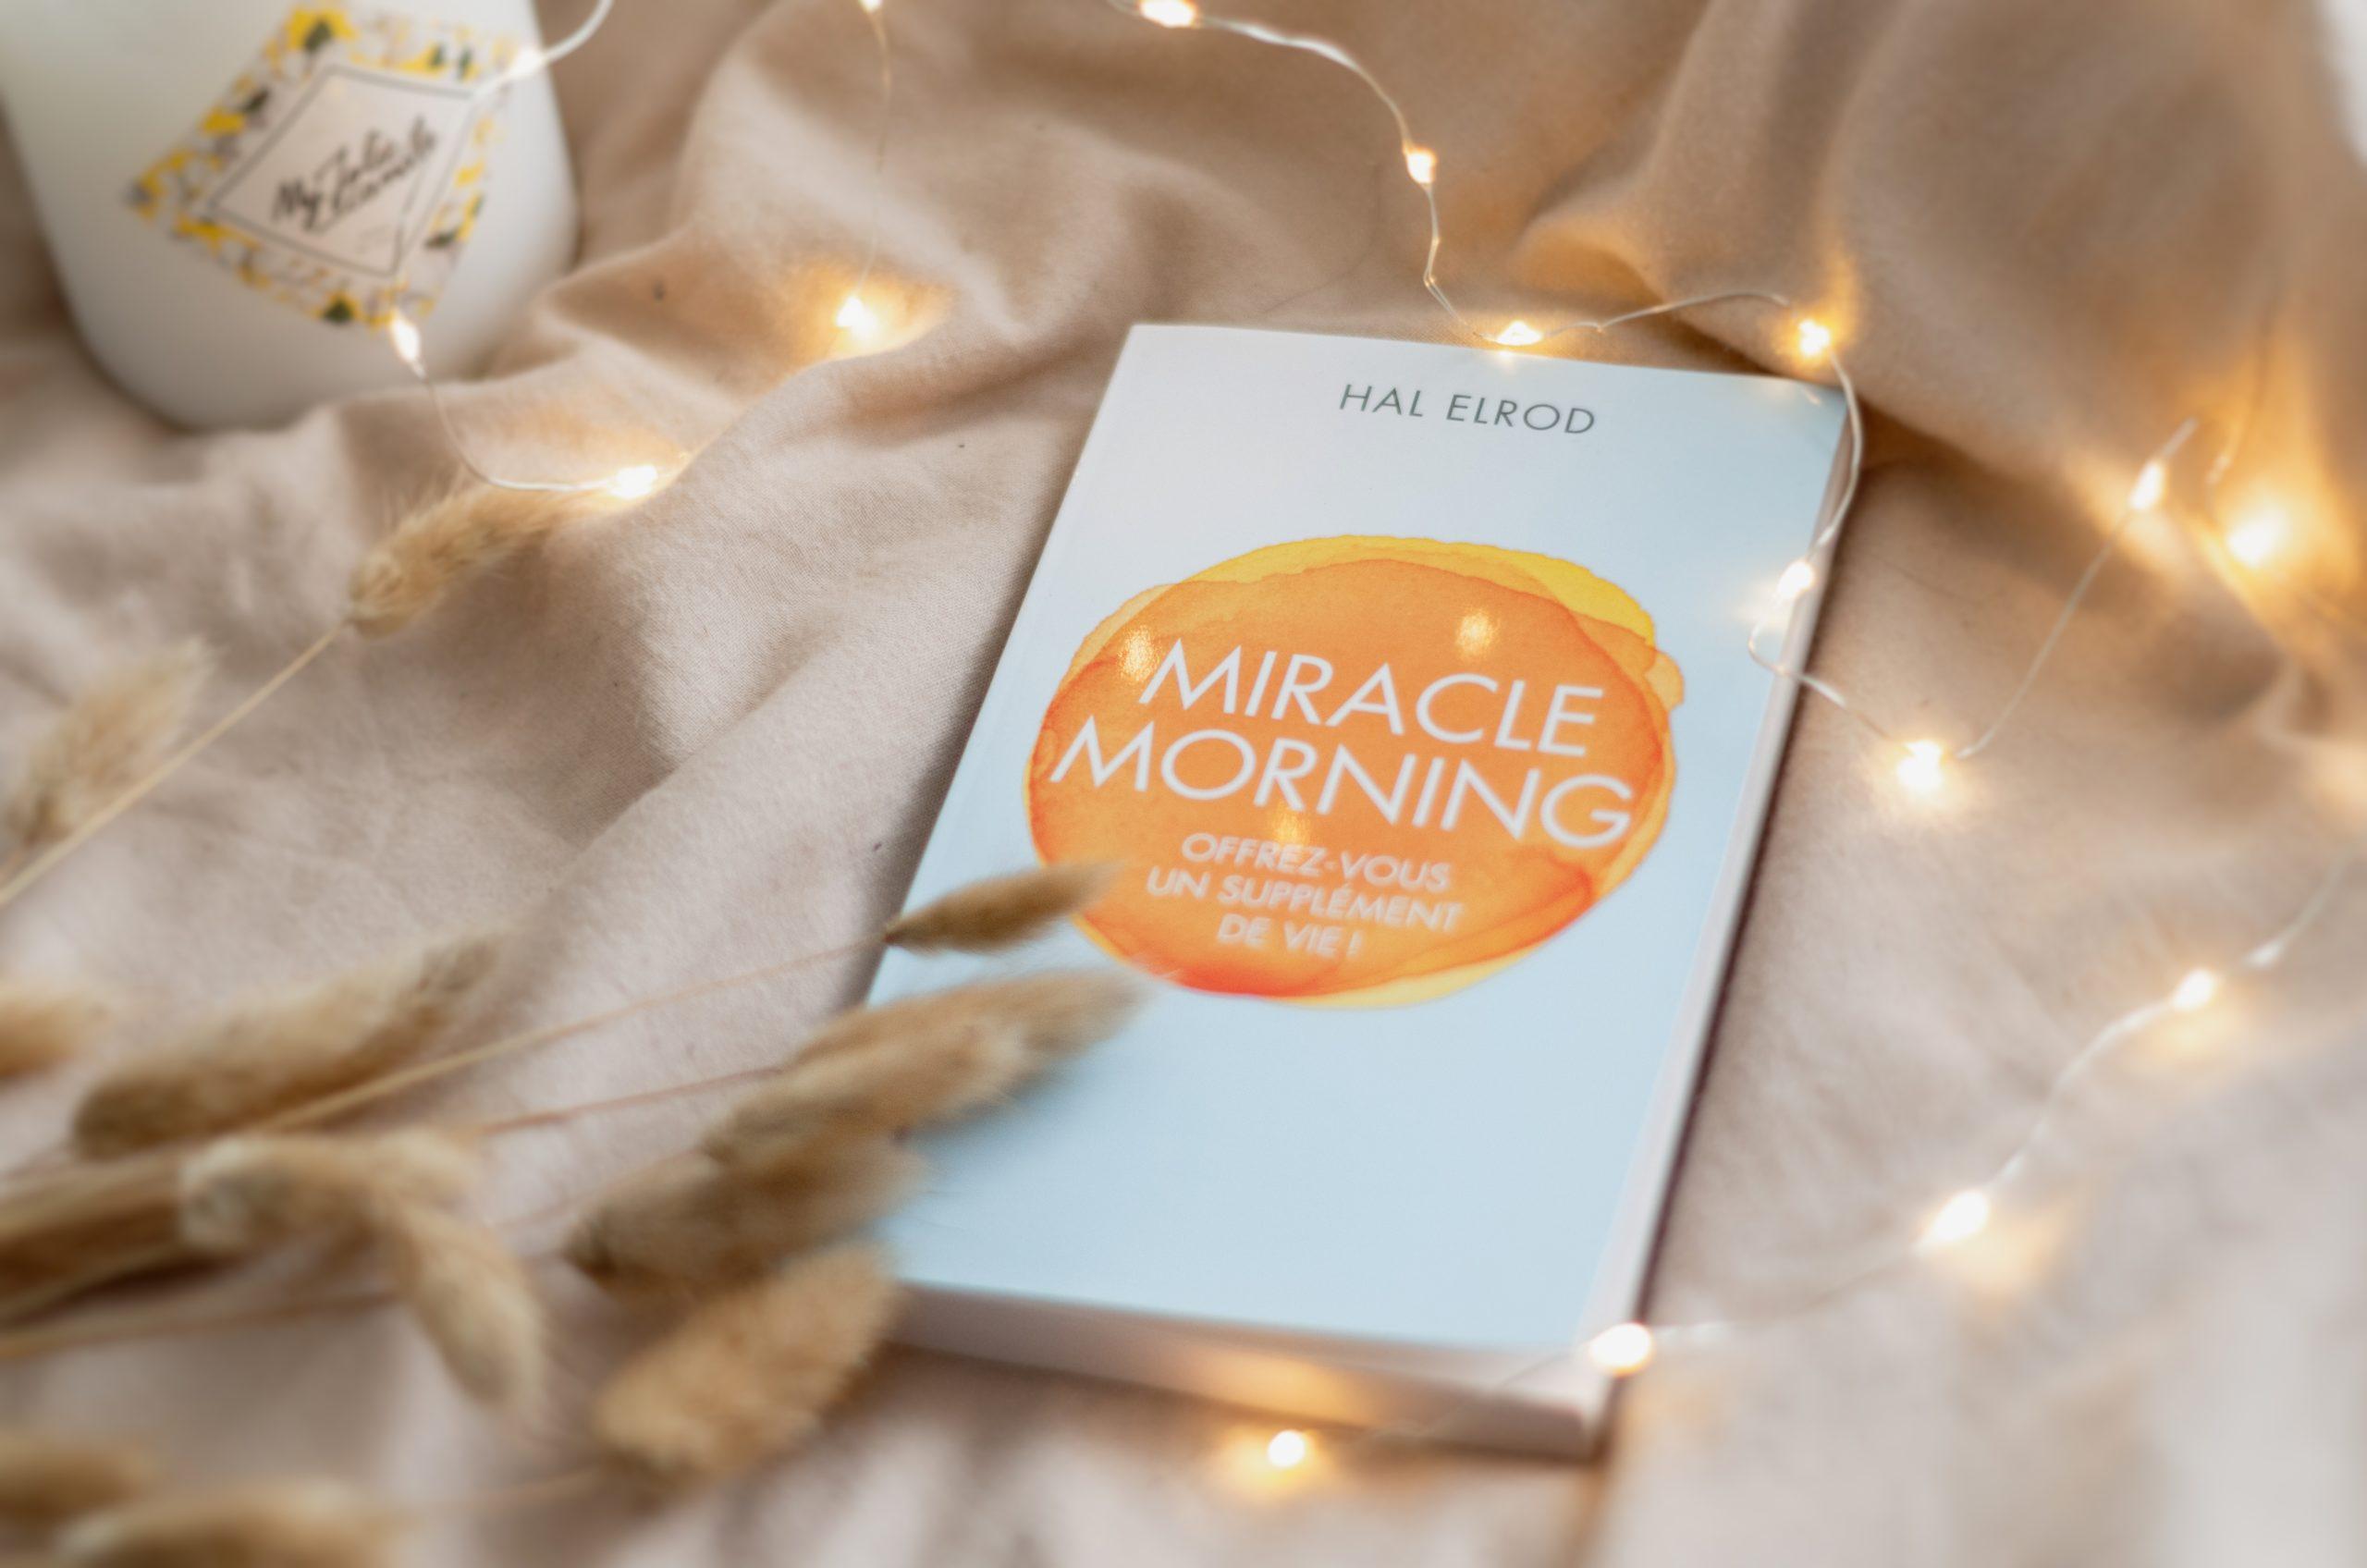 Ce que j'ai appris du Miracle Morning (Hal Elrod)